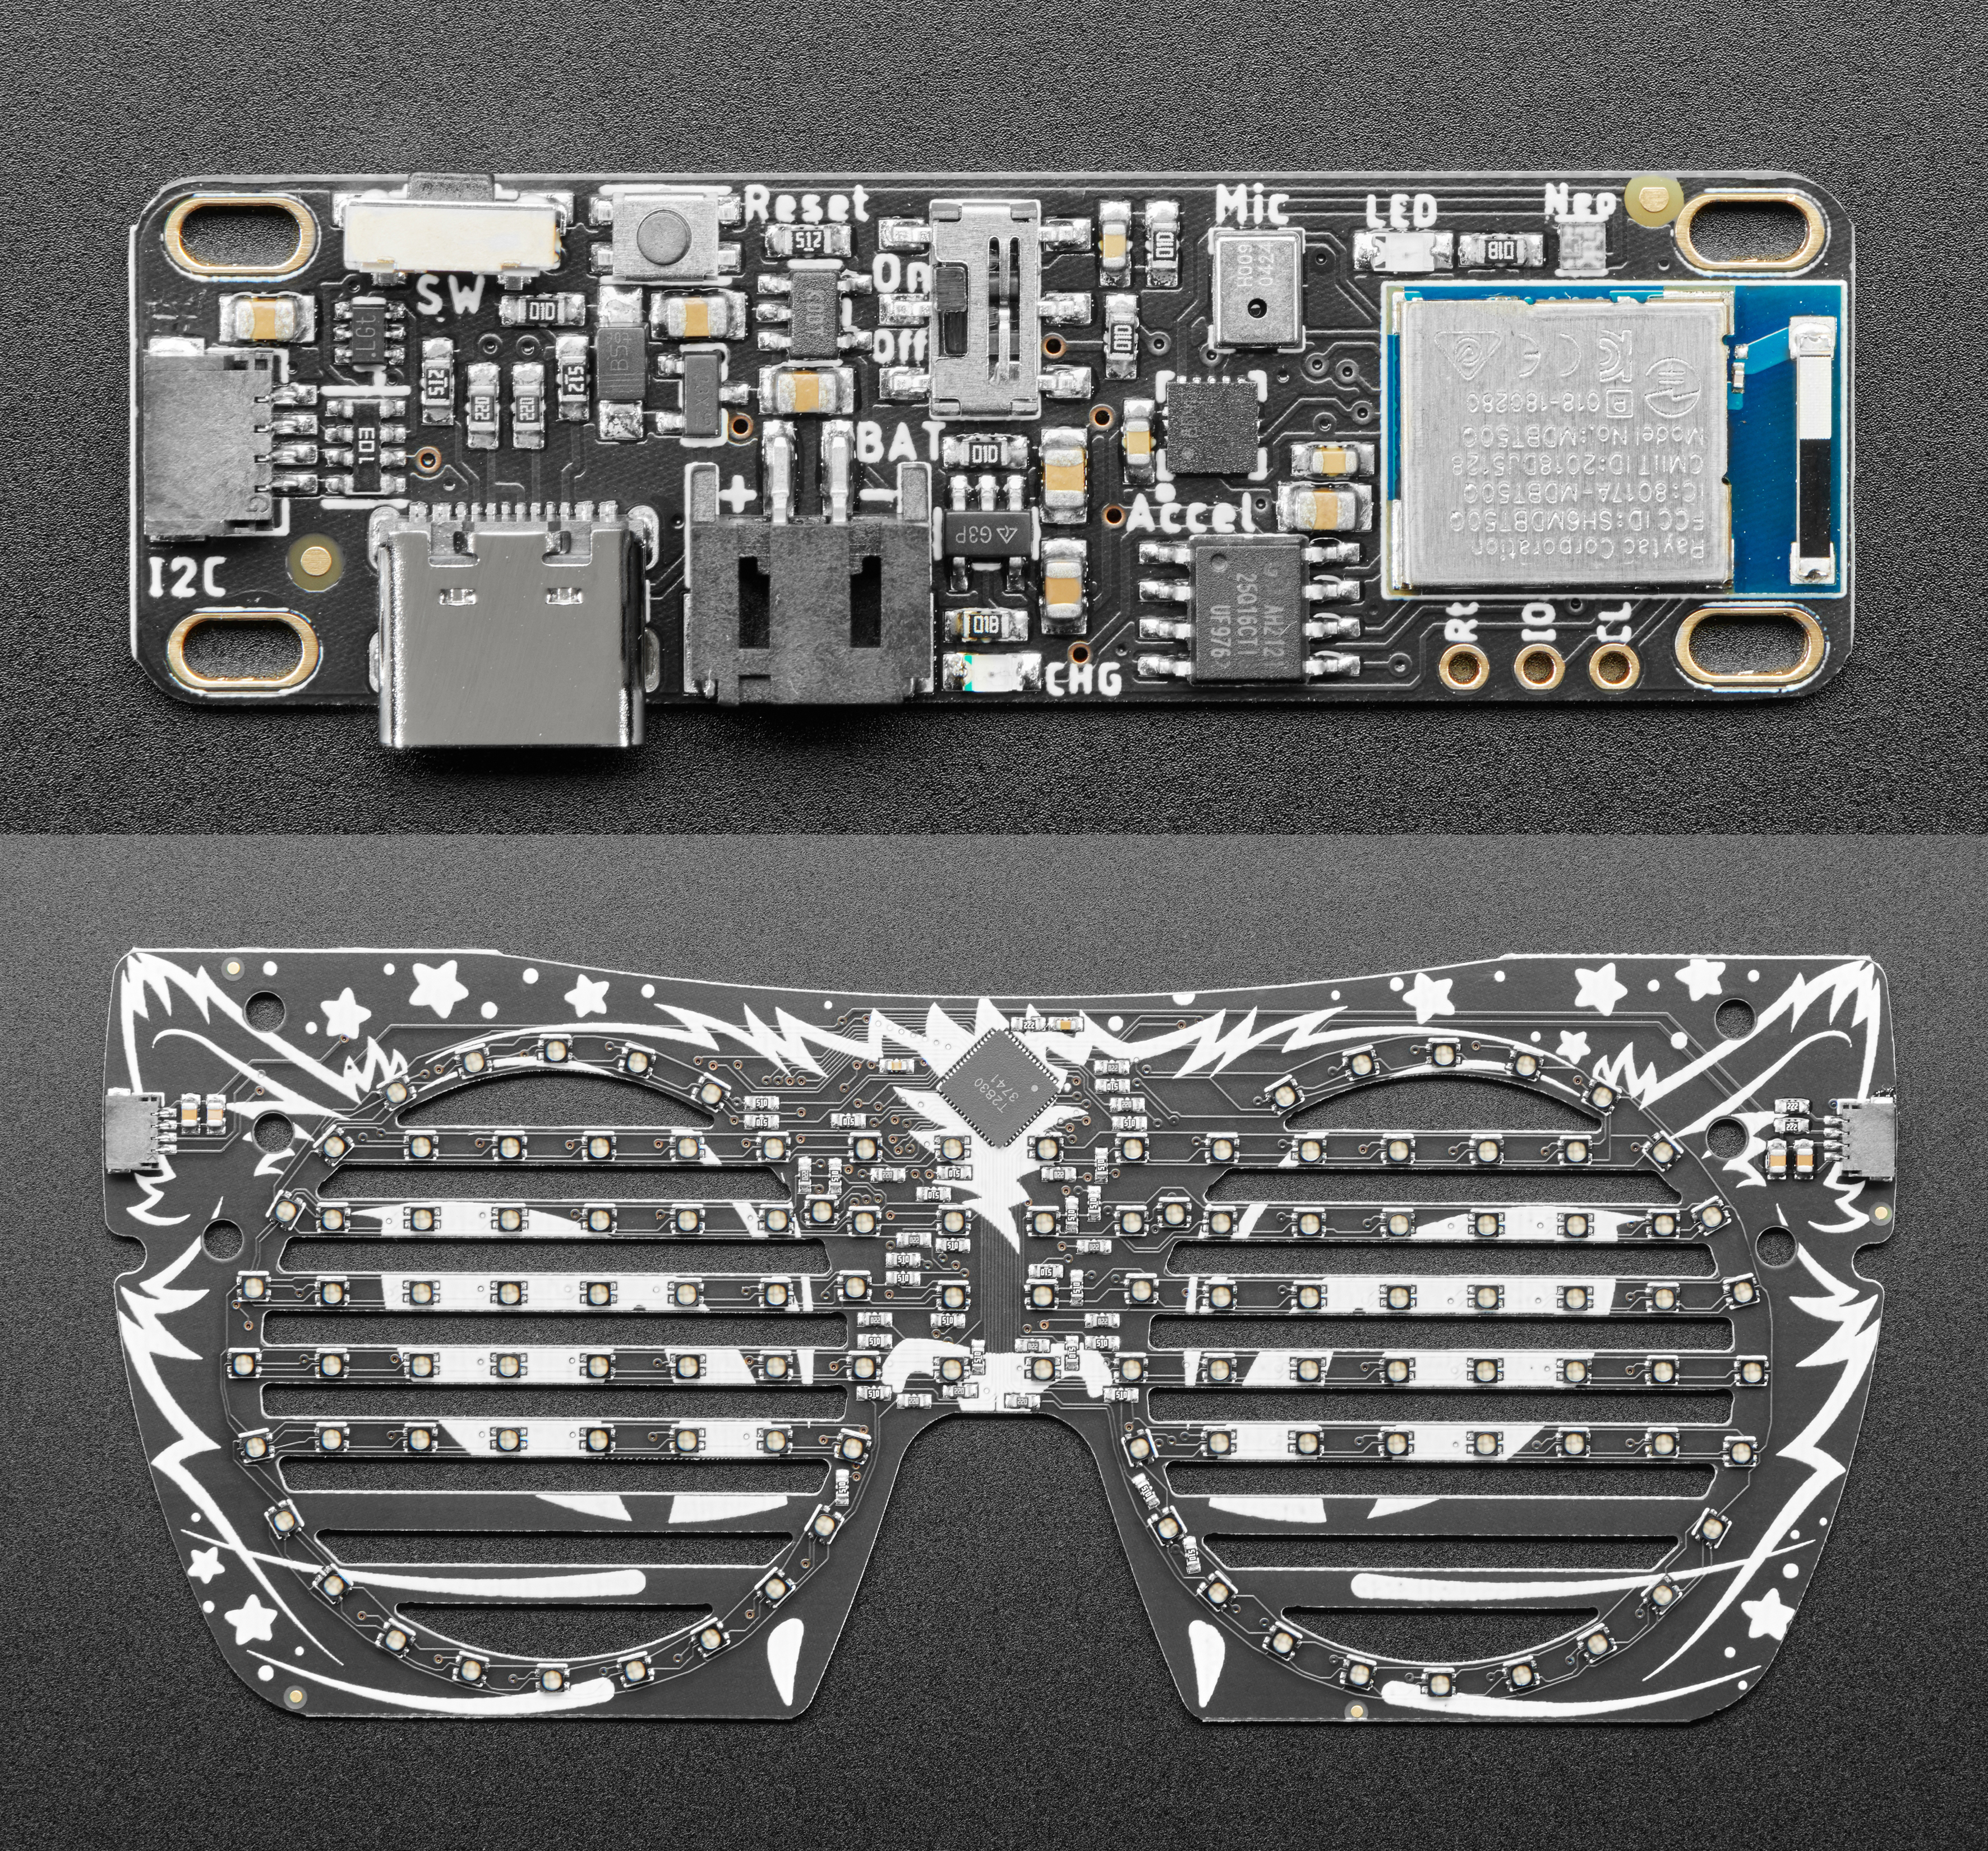 adafruit_products_EyeLights_EyeLightsD_pinouts.jpg